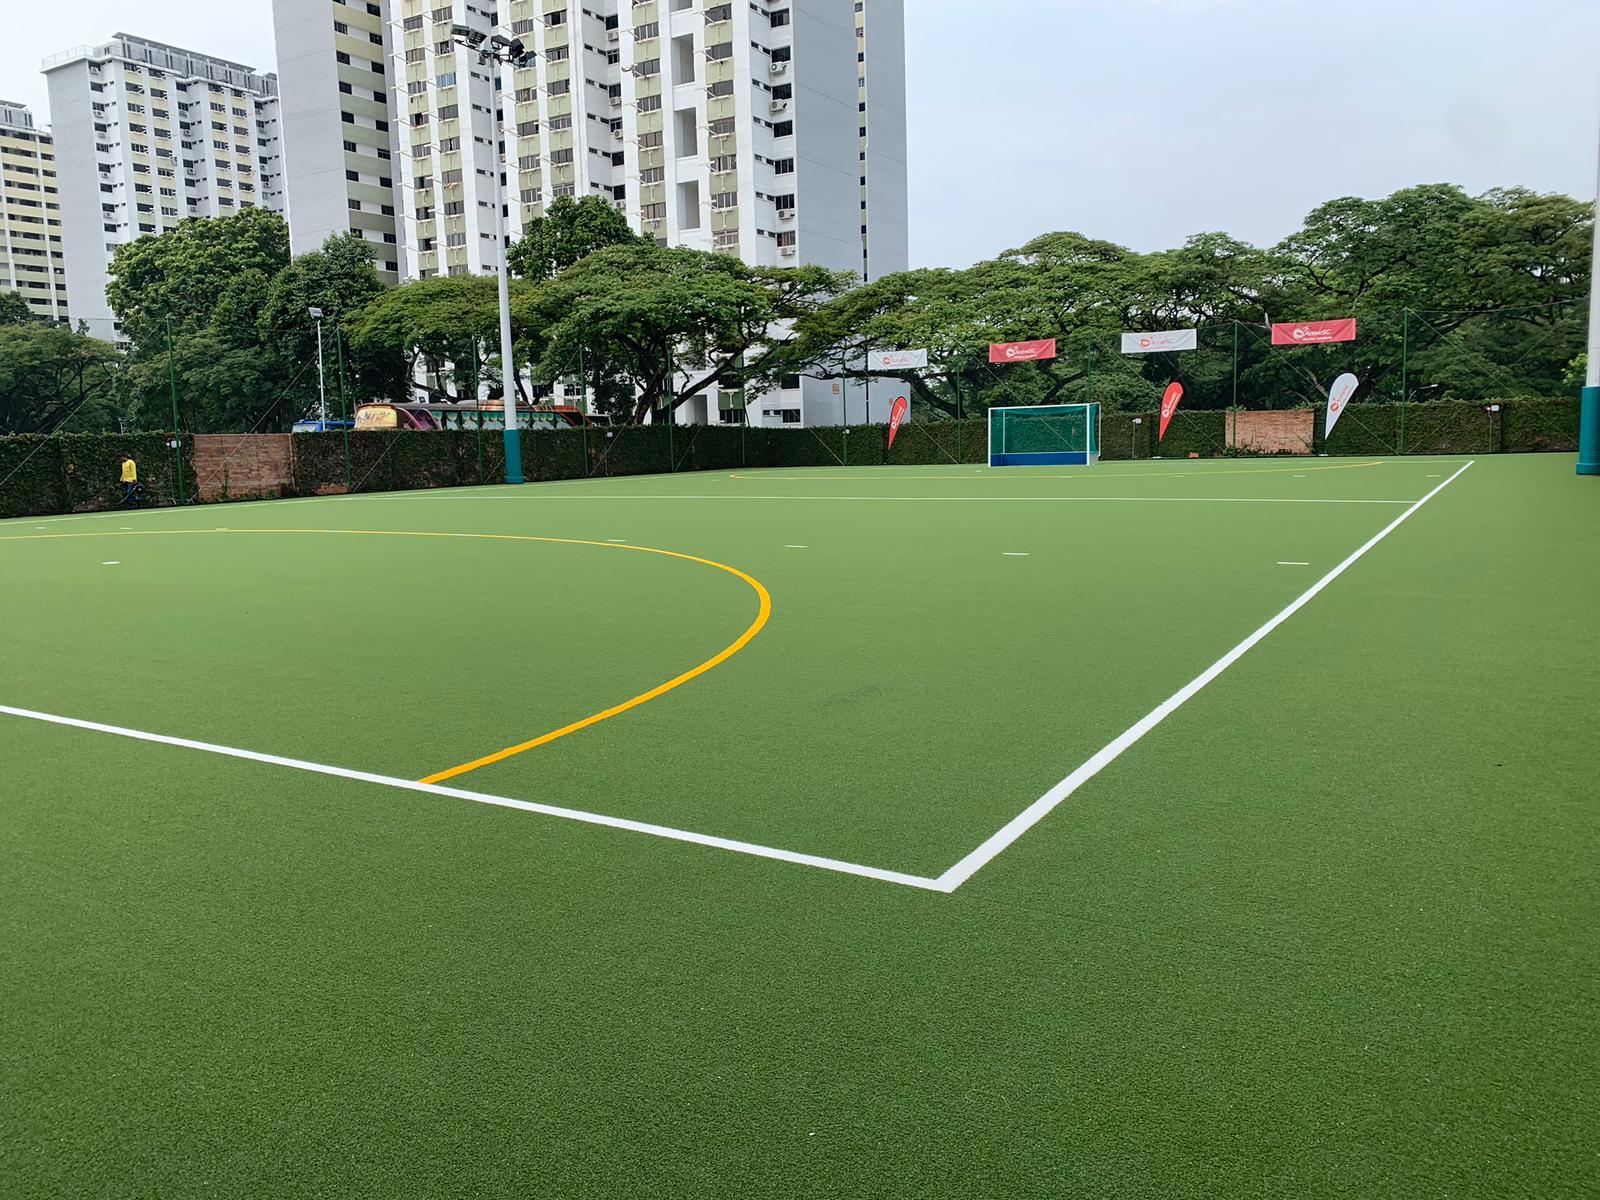 Boon Lay hockey field